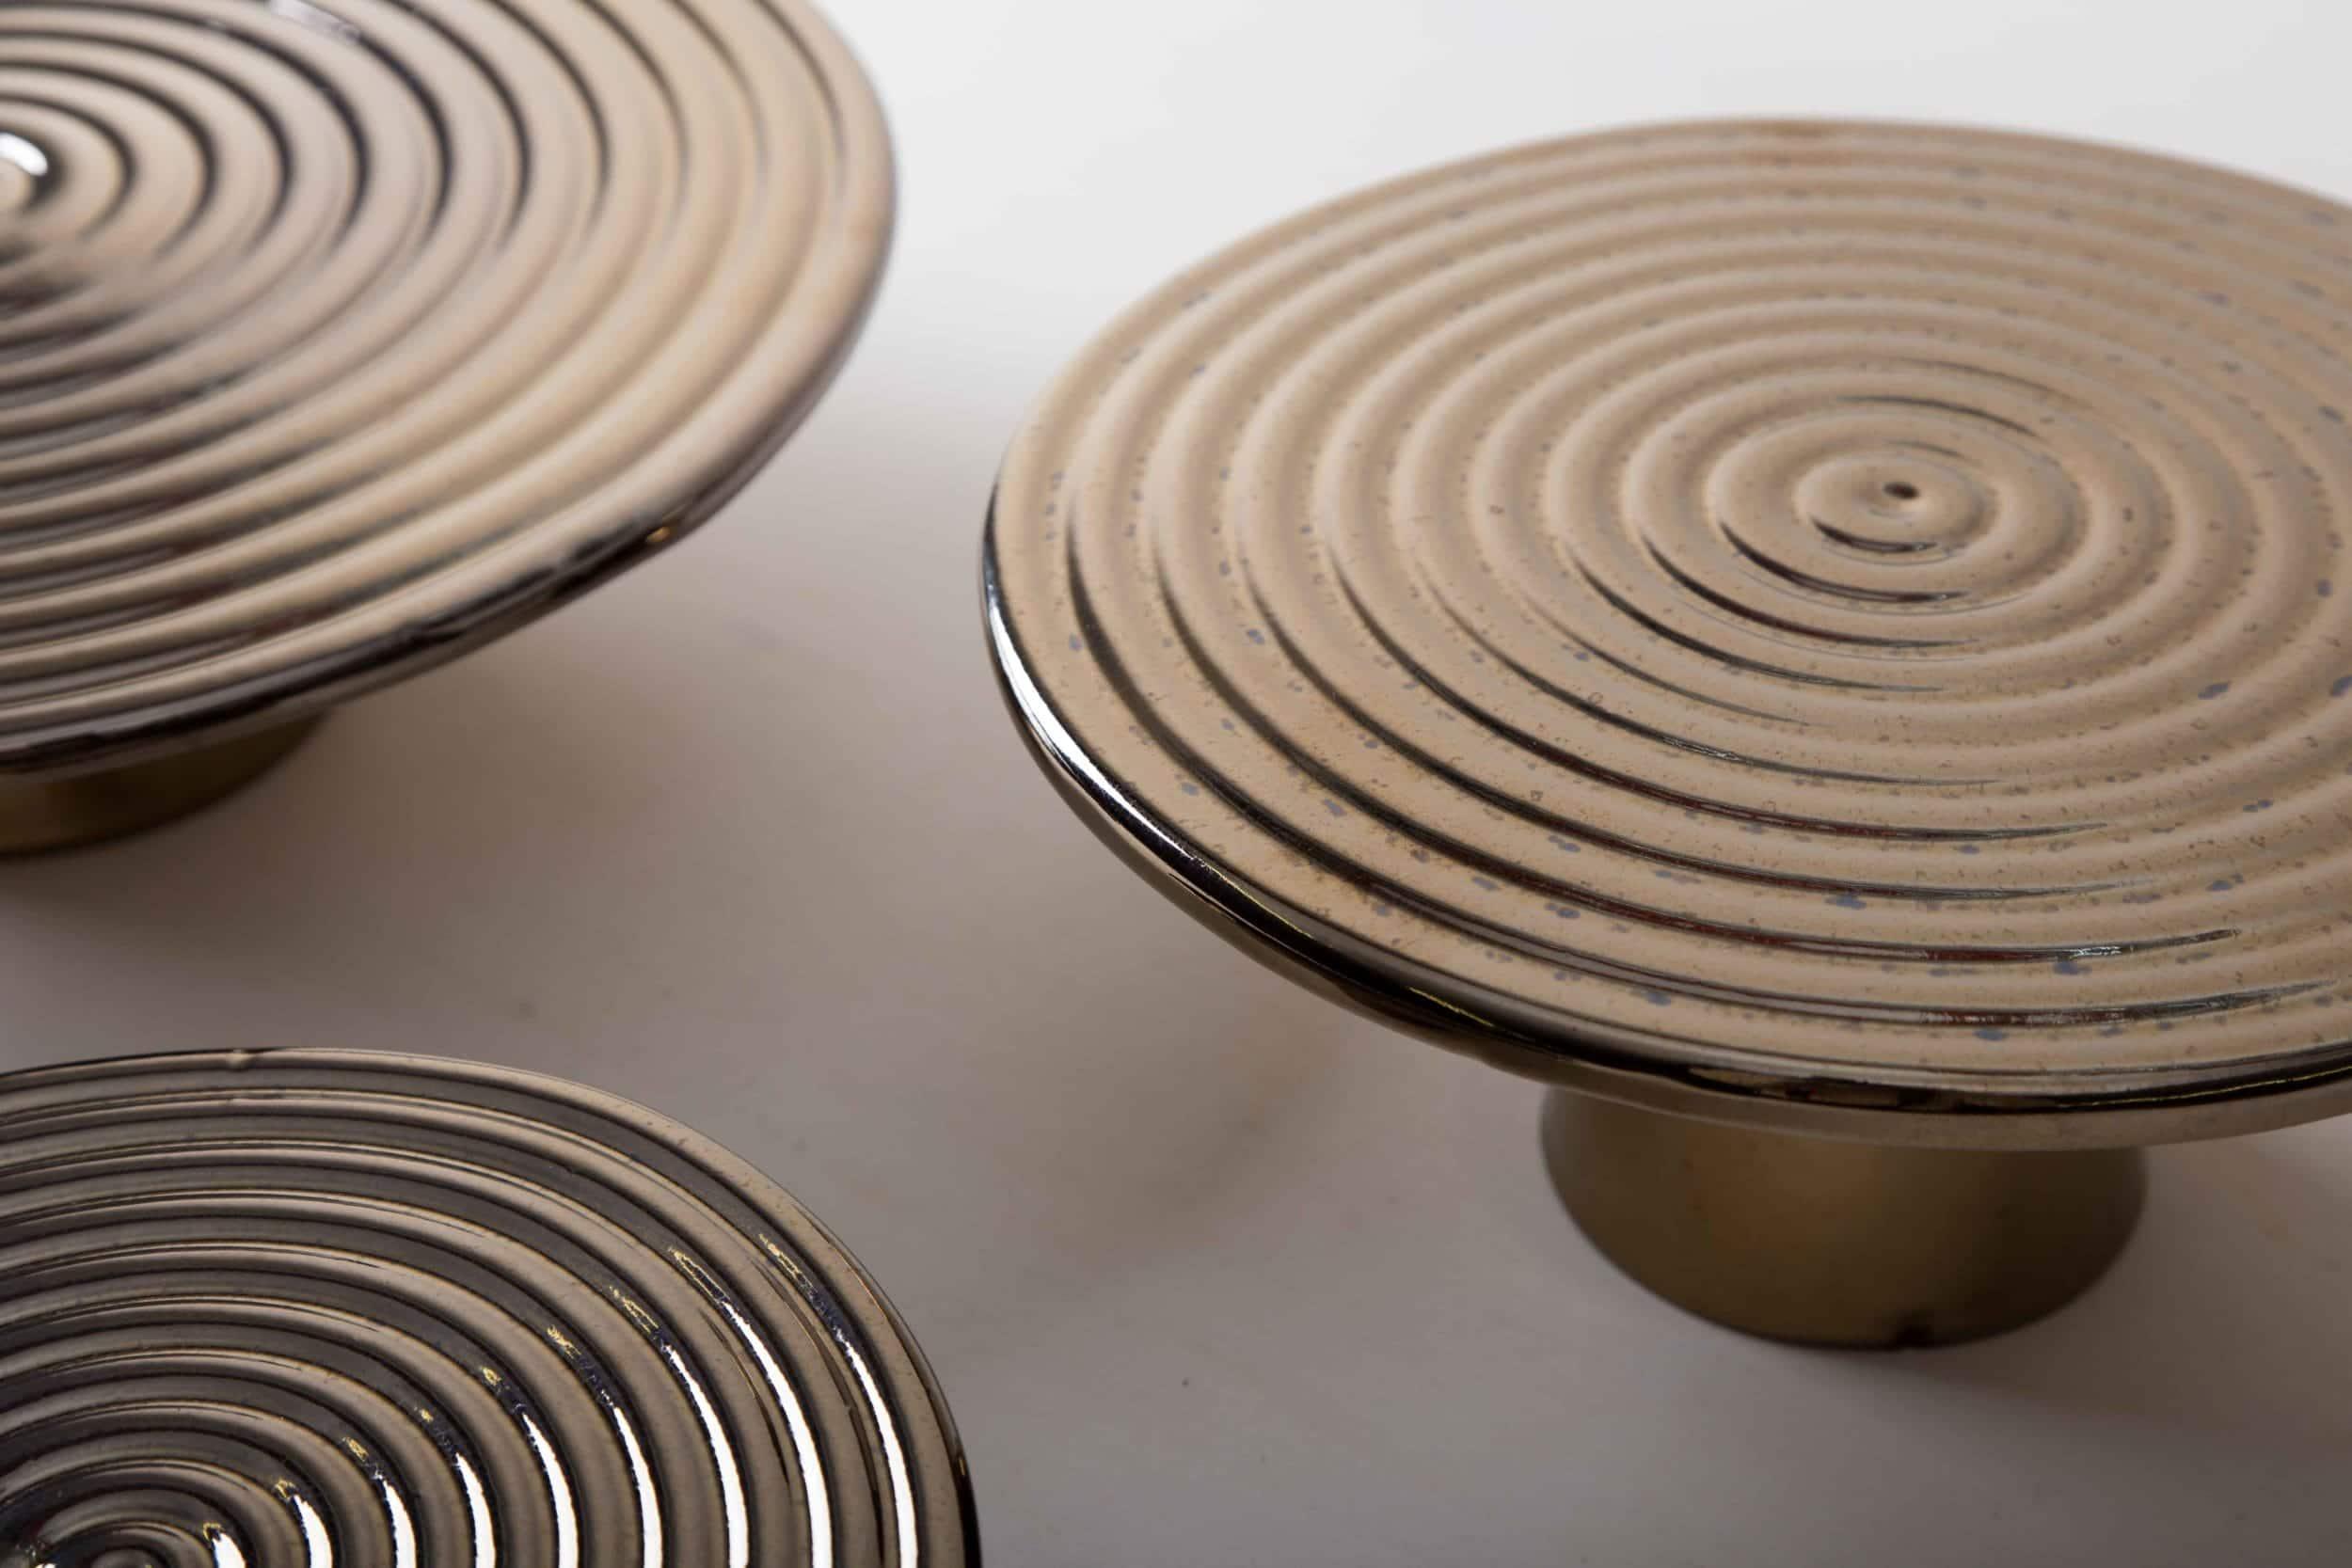 Tortenständer Alba Platin L | Unsere edlen Tortenständer Alba eignen sich hervorragend zum Präsentieren und Servieren von Kuchen, Cupcakes, Sushi und anderen Köstlichkeiten auf dem Tisch oder am modernen Buffet. Sie wurden aus hochwertigem Terrakotta gefertigt und mit glänzendem Lack überzogen, natürlich lebensmittelecht. Diese Tortenständer oder auch Servierplatten genannt gibt es in verschiedenen Größen und ausserdem als gleiches Modell Leonor aus ausgewähltem Walnussholz. Sie lassen sich wunderbar kombinieren und variieren. | gotvintage Rental & Event Design